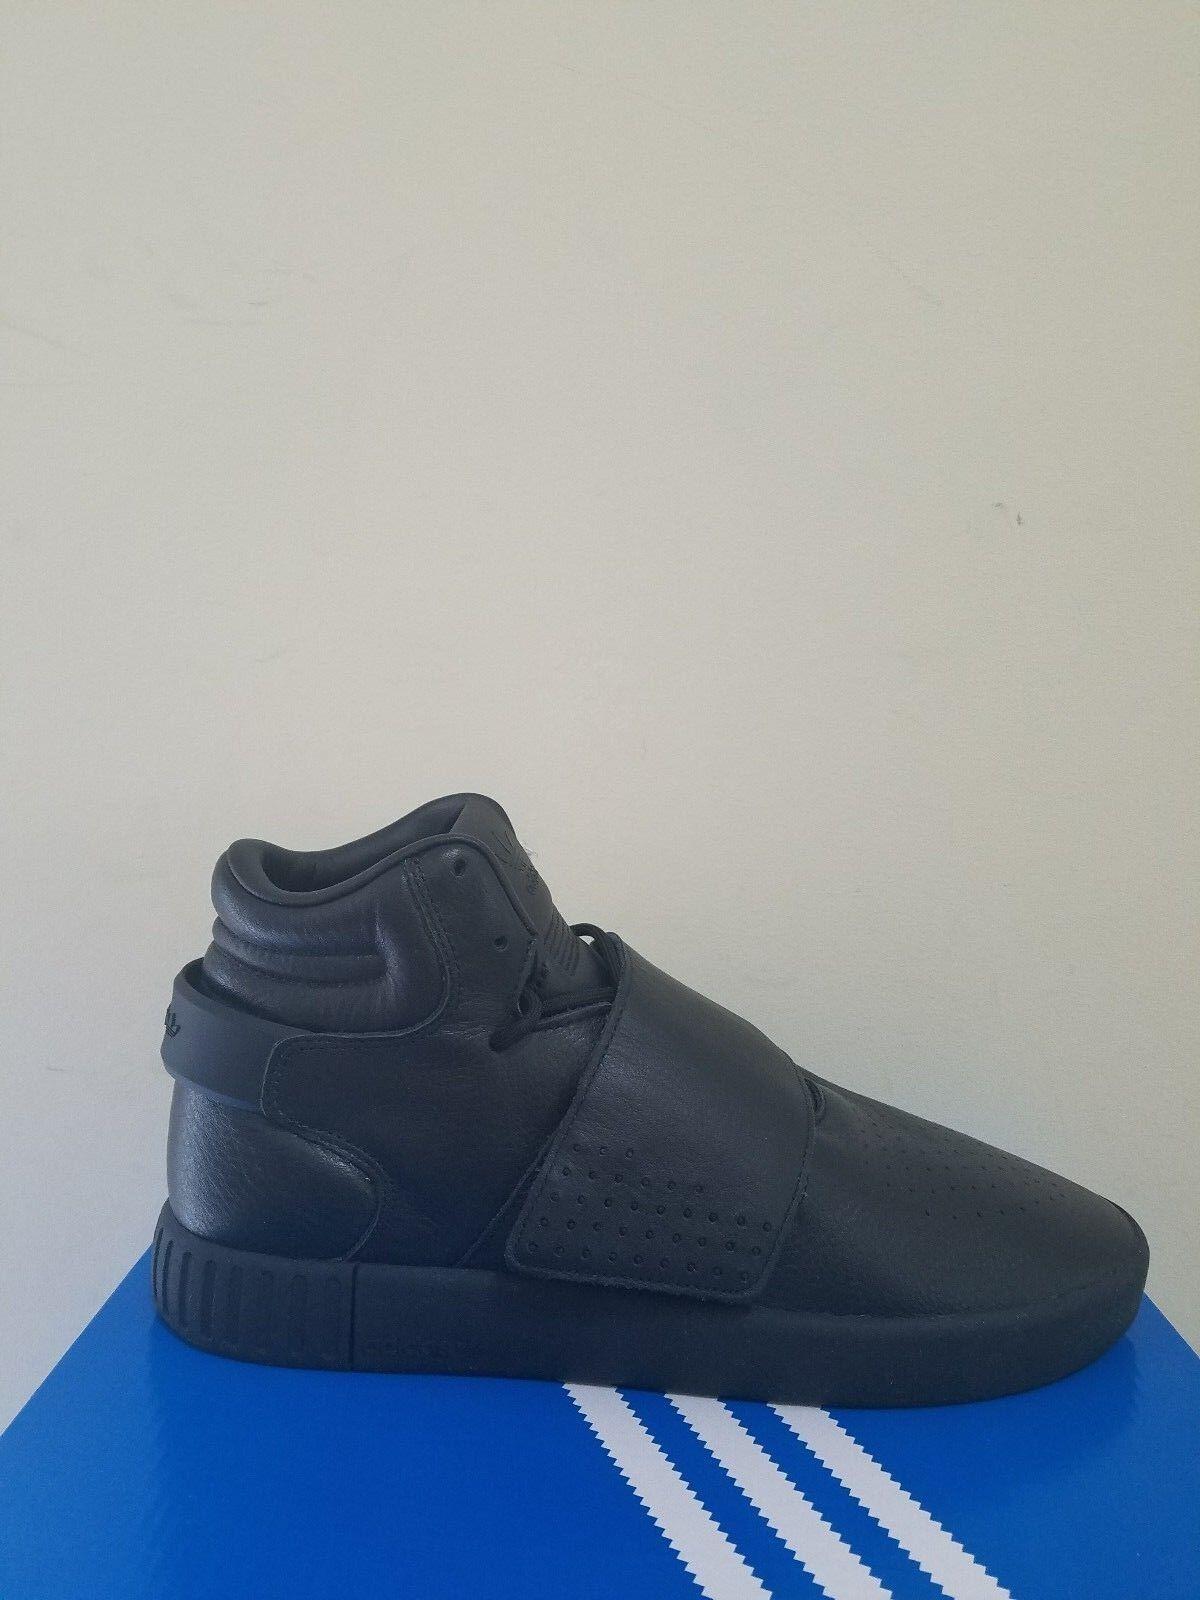 Adidas Men's Tubular Invader Strap Casual shoes NIB